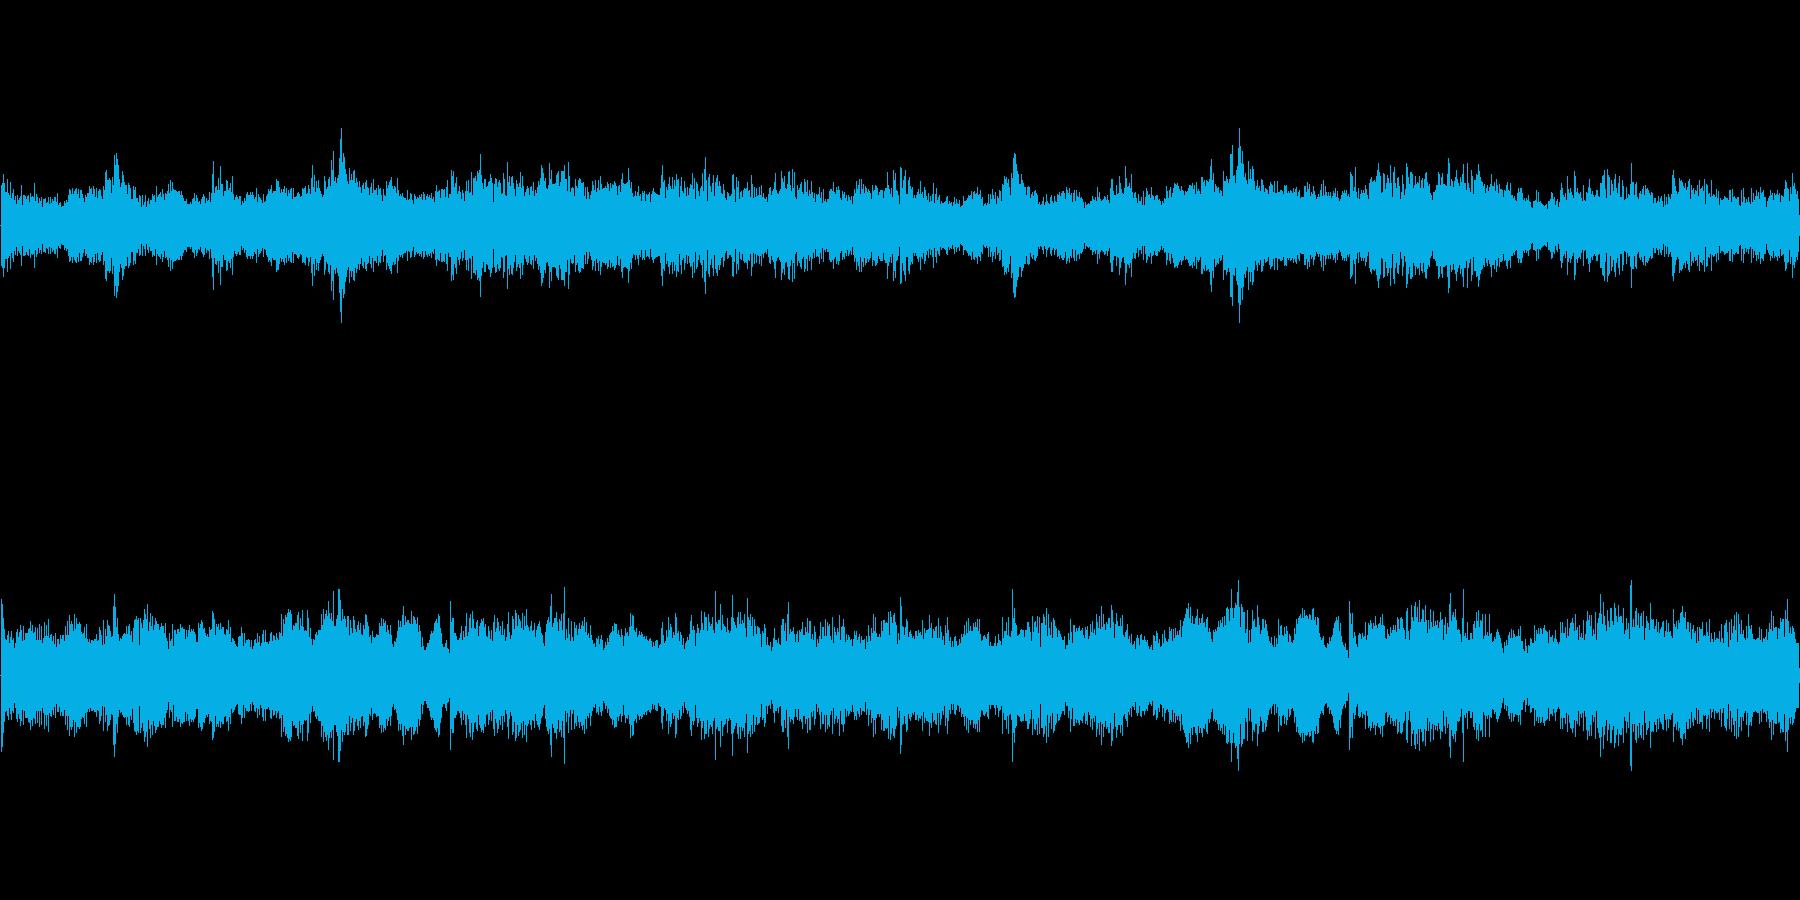 ダークファンタジーなループBGMの再生済みの波形